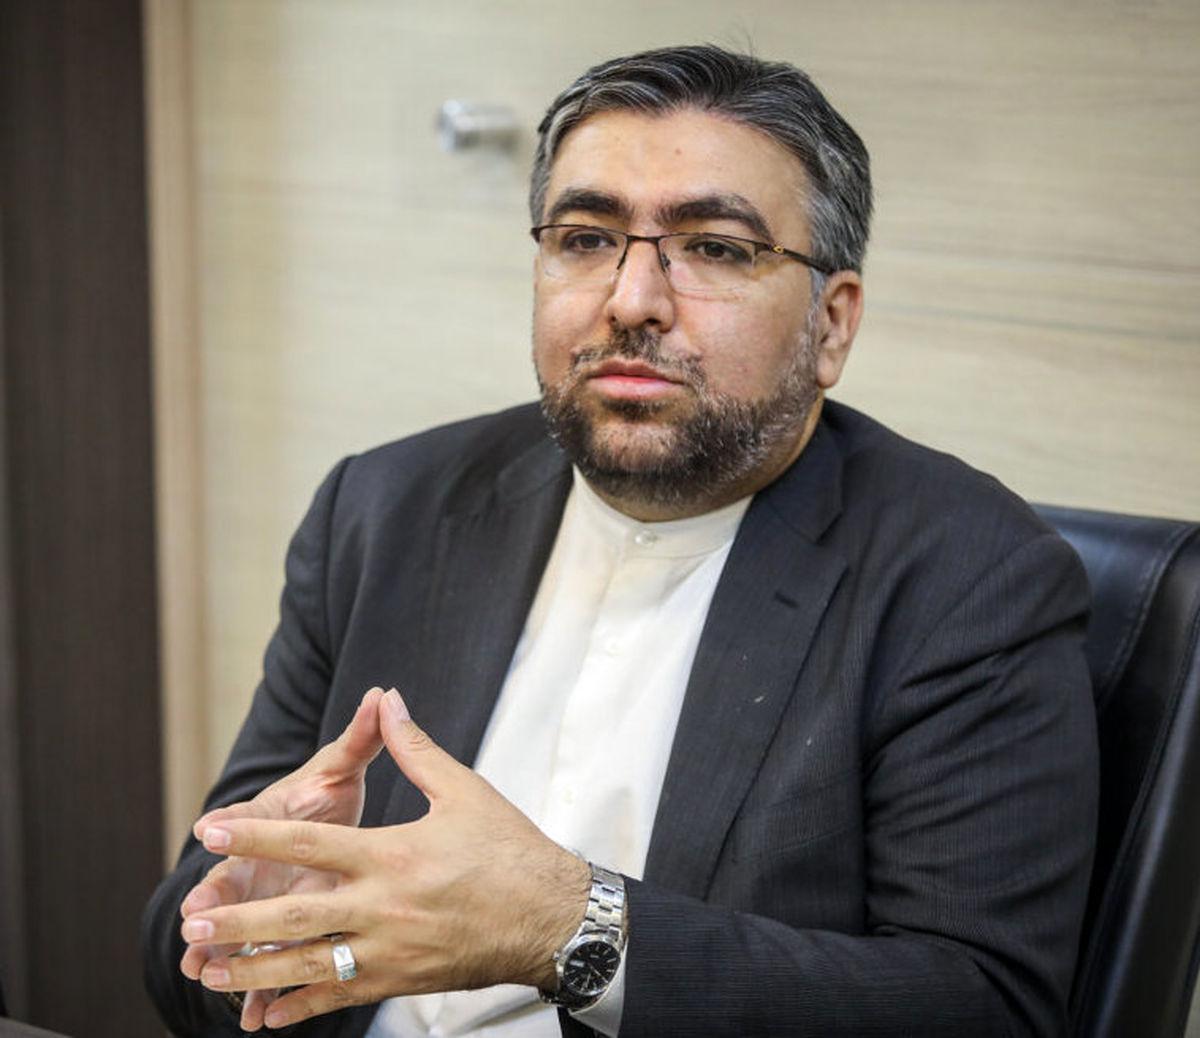 تشریح جلسه کمیسیون امنیت ملی با رییس پدافند غیرعامل